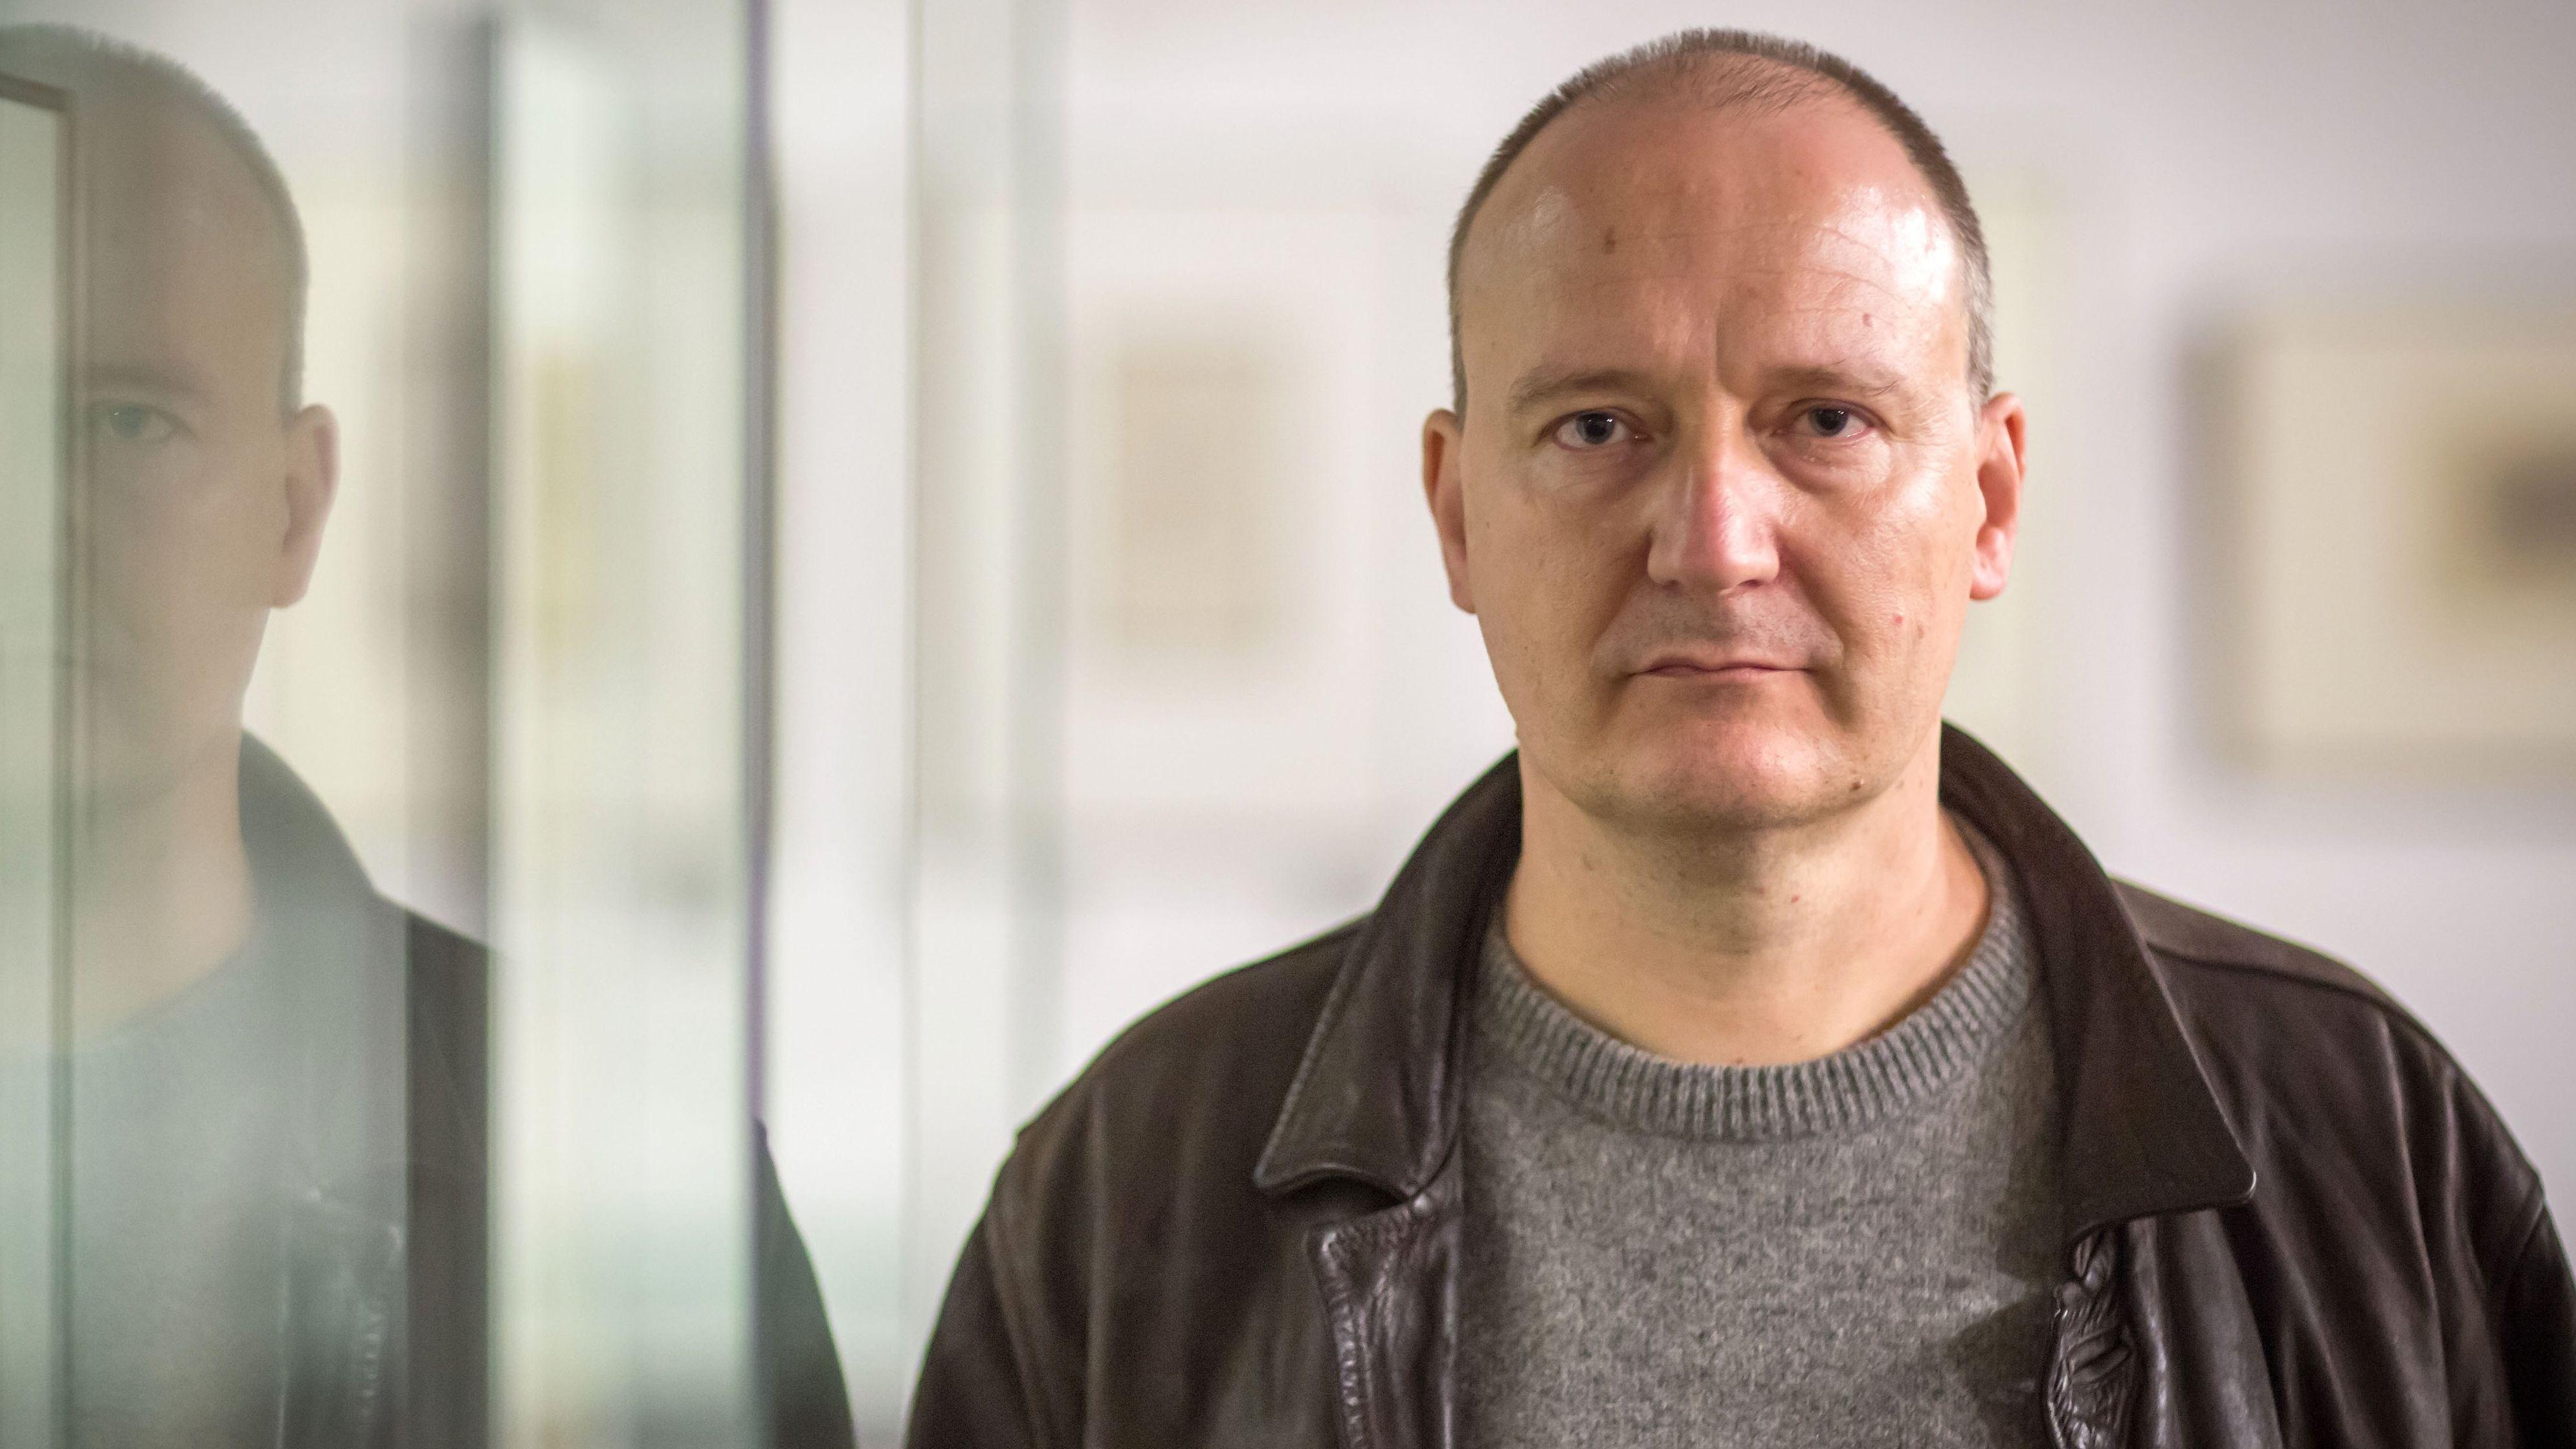 Autor Thomas Brussig blickt, neben einer Scheibe stehend, ernst in die Kamera